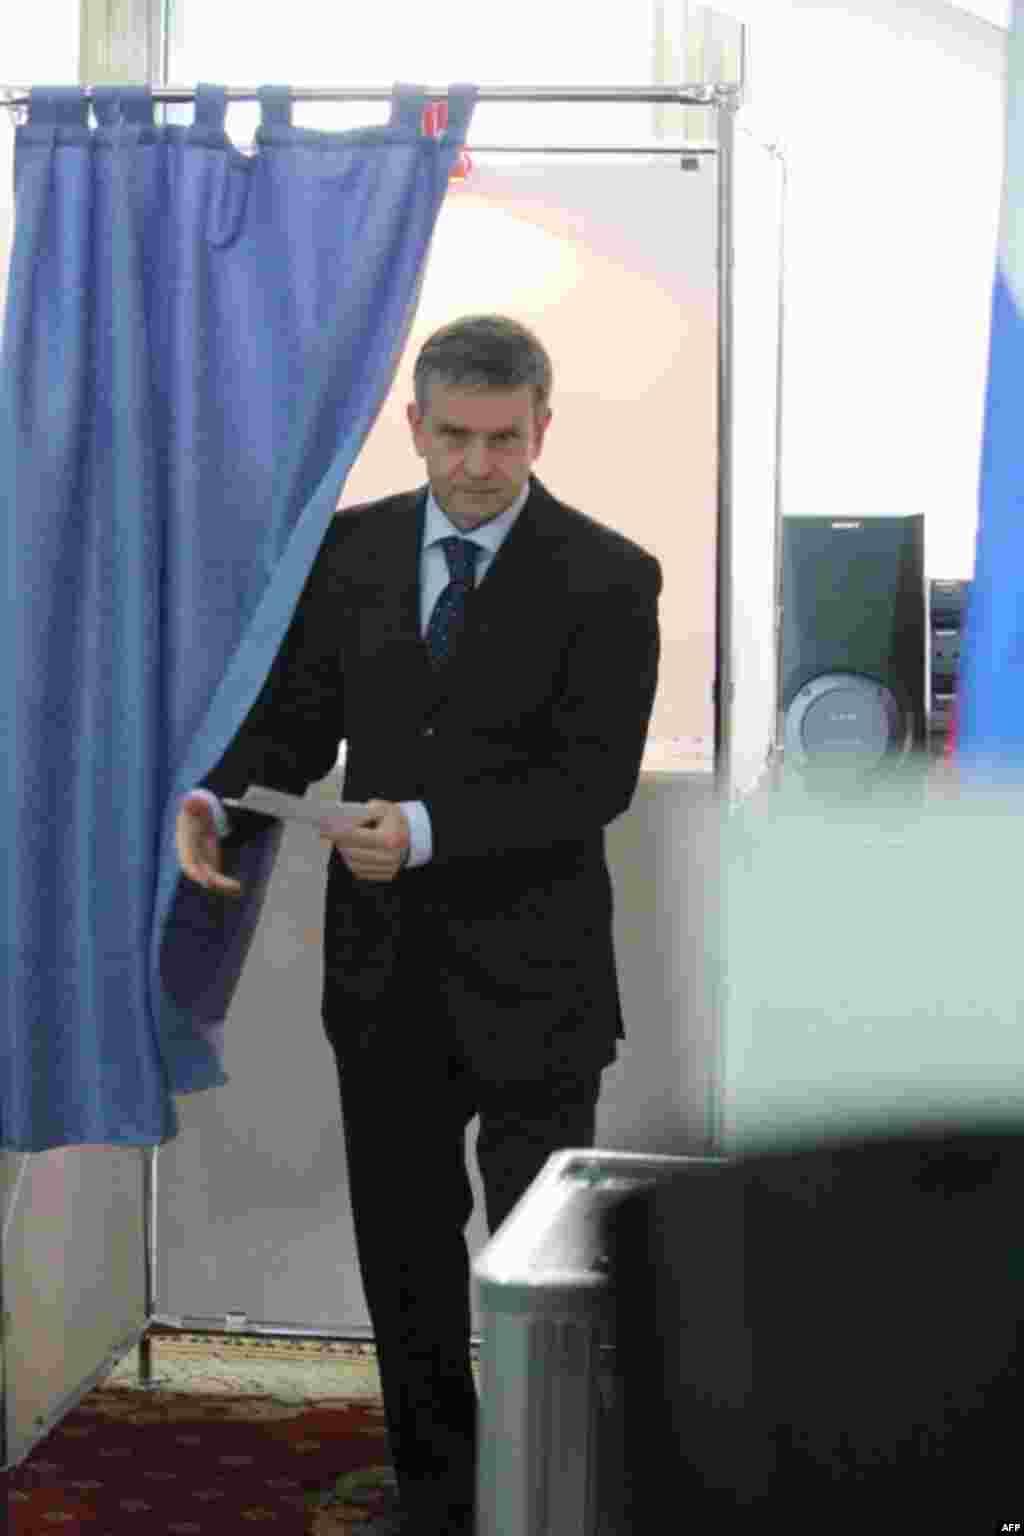 Посол России в Украине Михаил Зурабов отмечает повышенный интерес россиян к президентским выборам